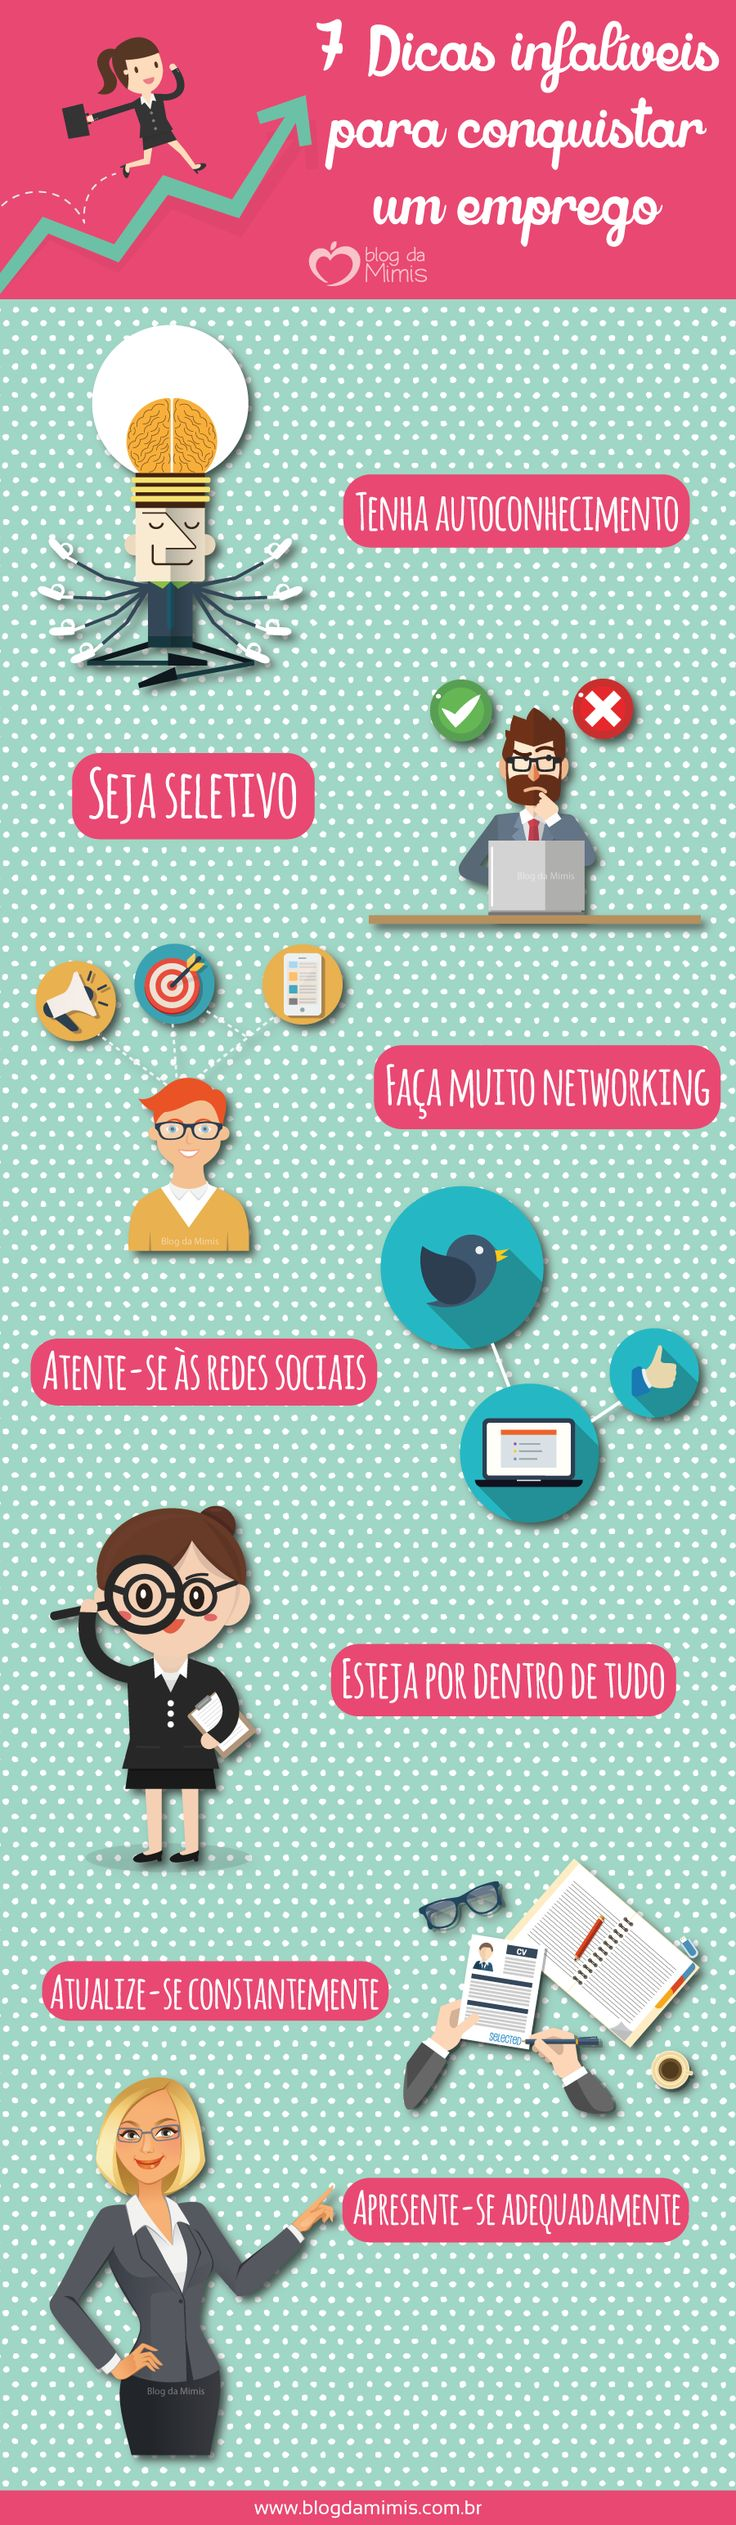 7 Dicas infalíveis para conquistar um emprego - Blog da Mimis #tips #dicas #emprego #criatividade #trabalho #comportamento #networking #rh